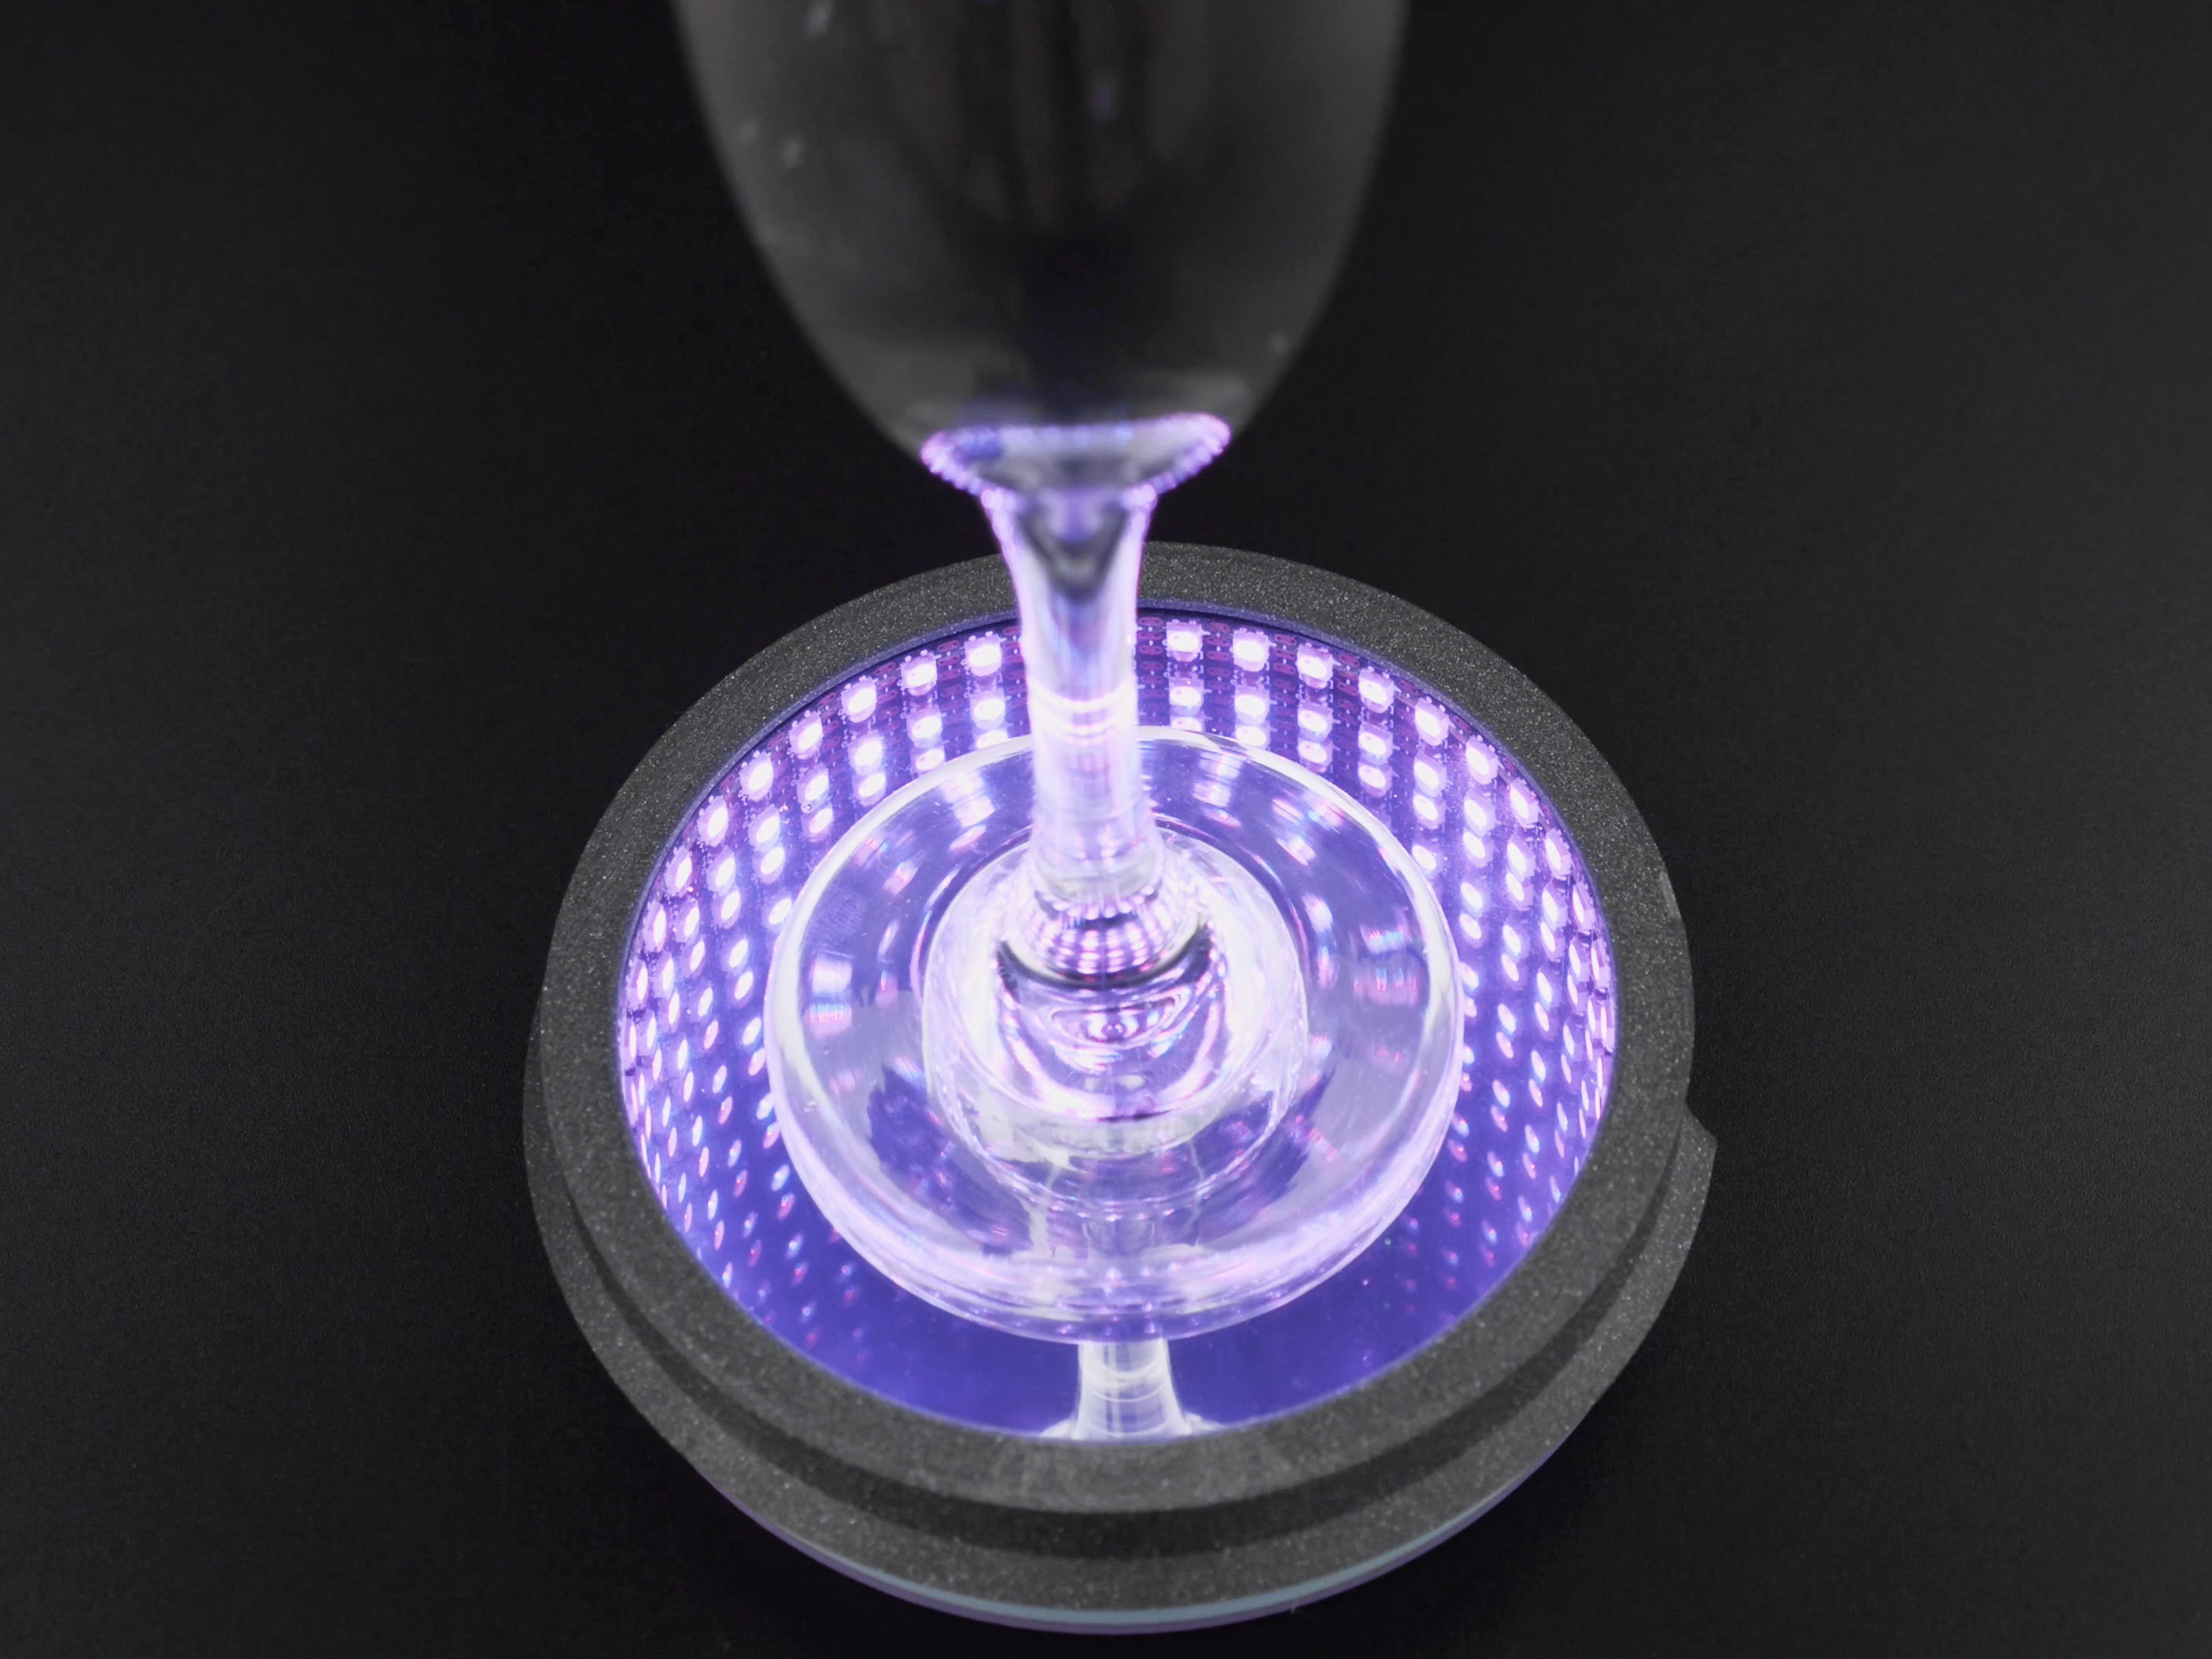 hero-glass-cup.jpg Télécharger fichier STL gratuit Miroir Infini • Objet à imprimer en 3D, Adafruit